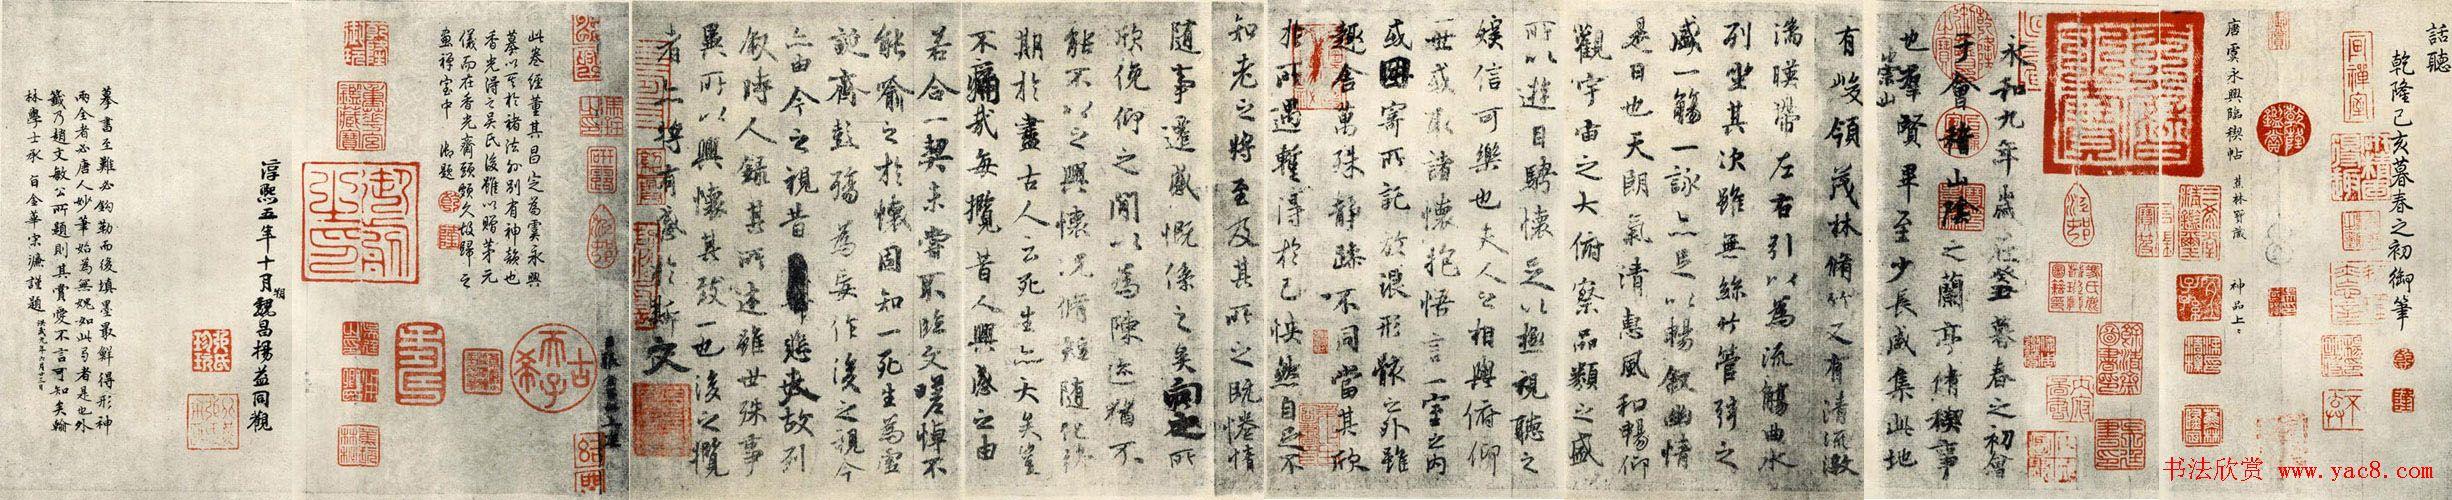 虞世南书法作品欣赏临《兰亭序》图片